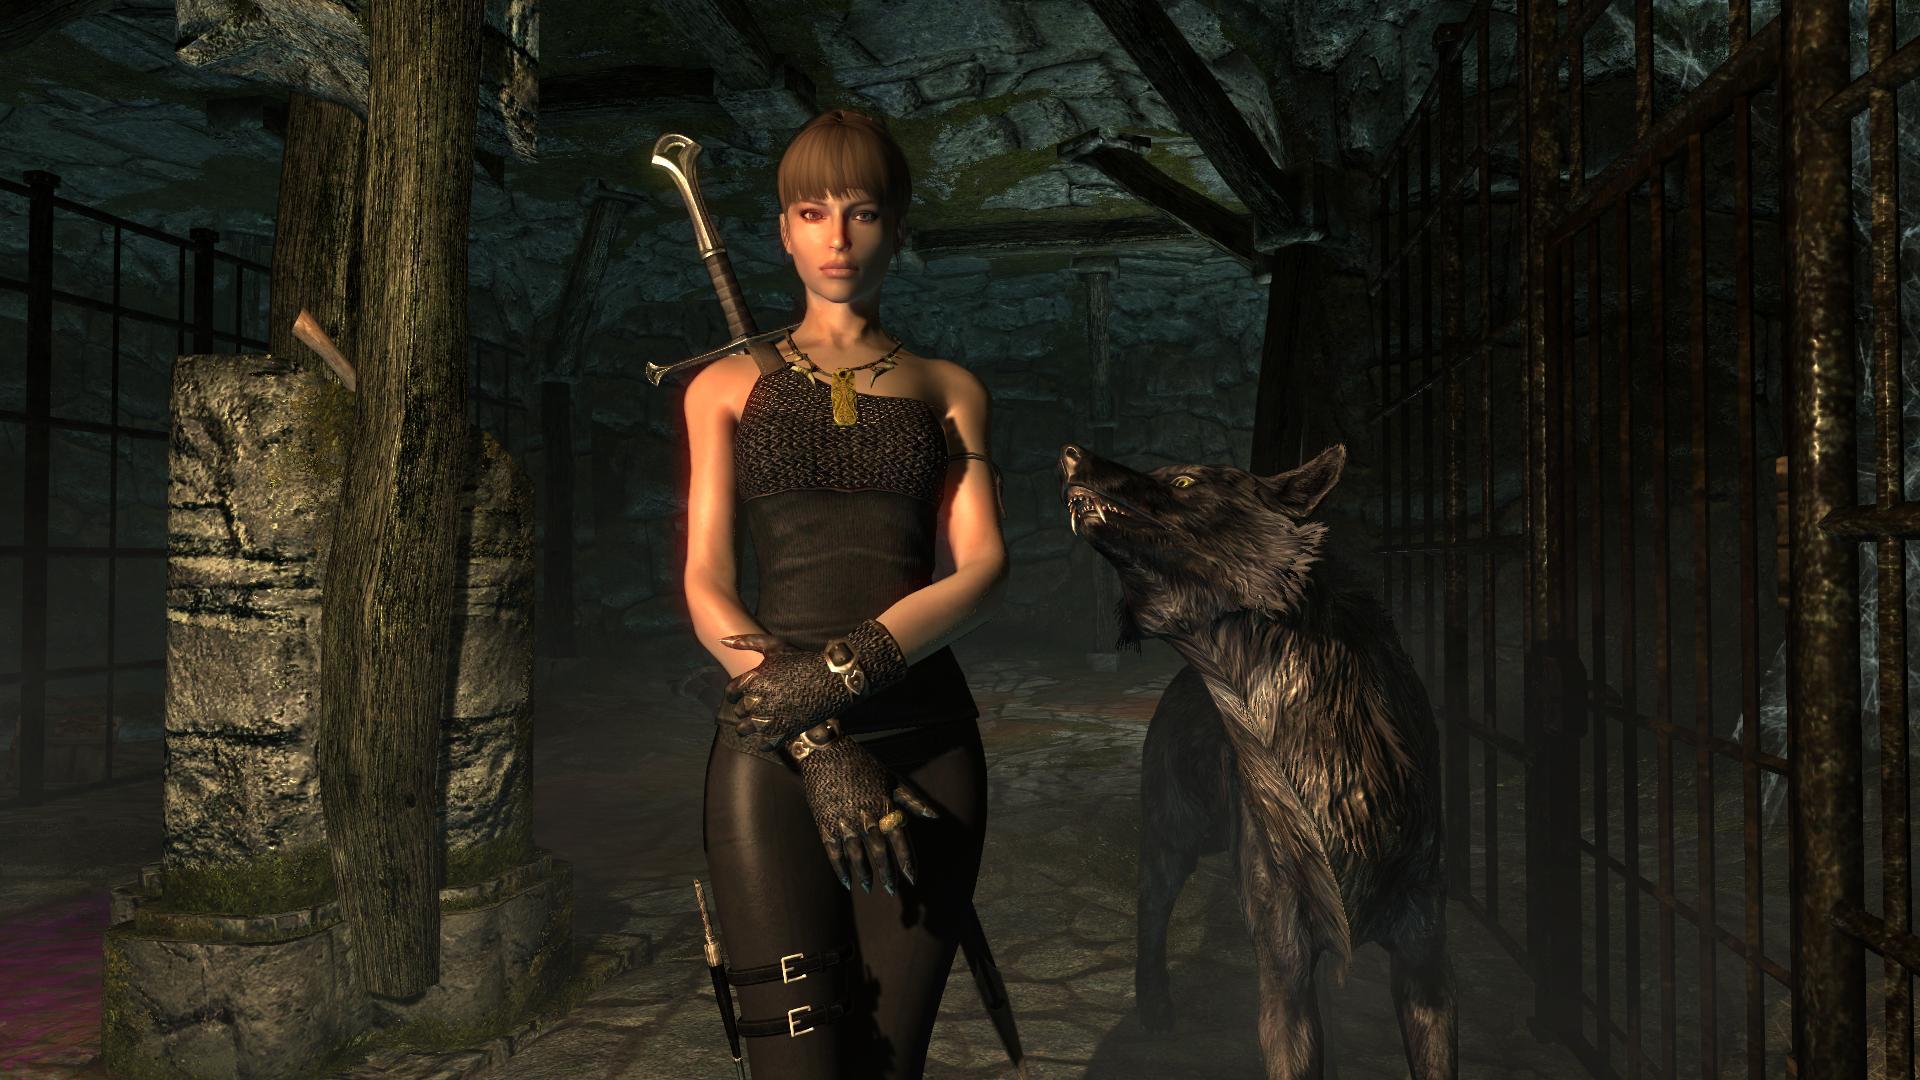 TESV_original 2017-02-08 14-43-00-94.jpg - Elder Scrolls 5: Skyrim, the